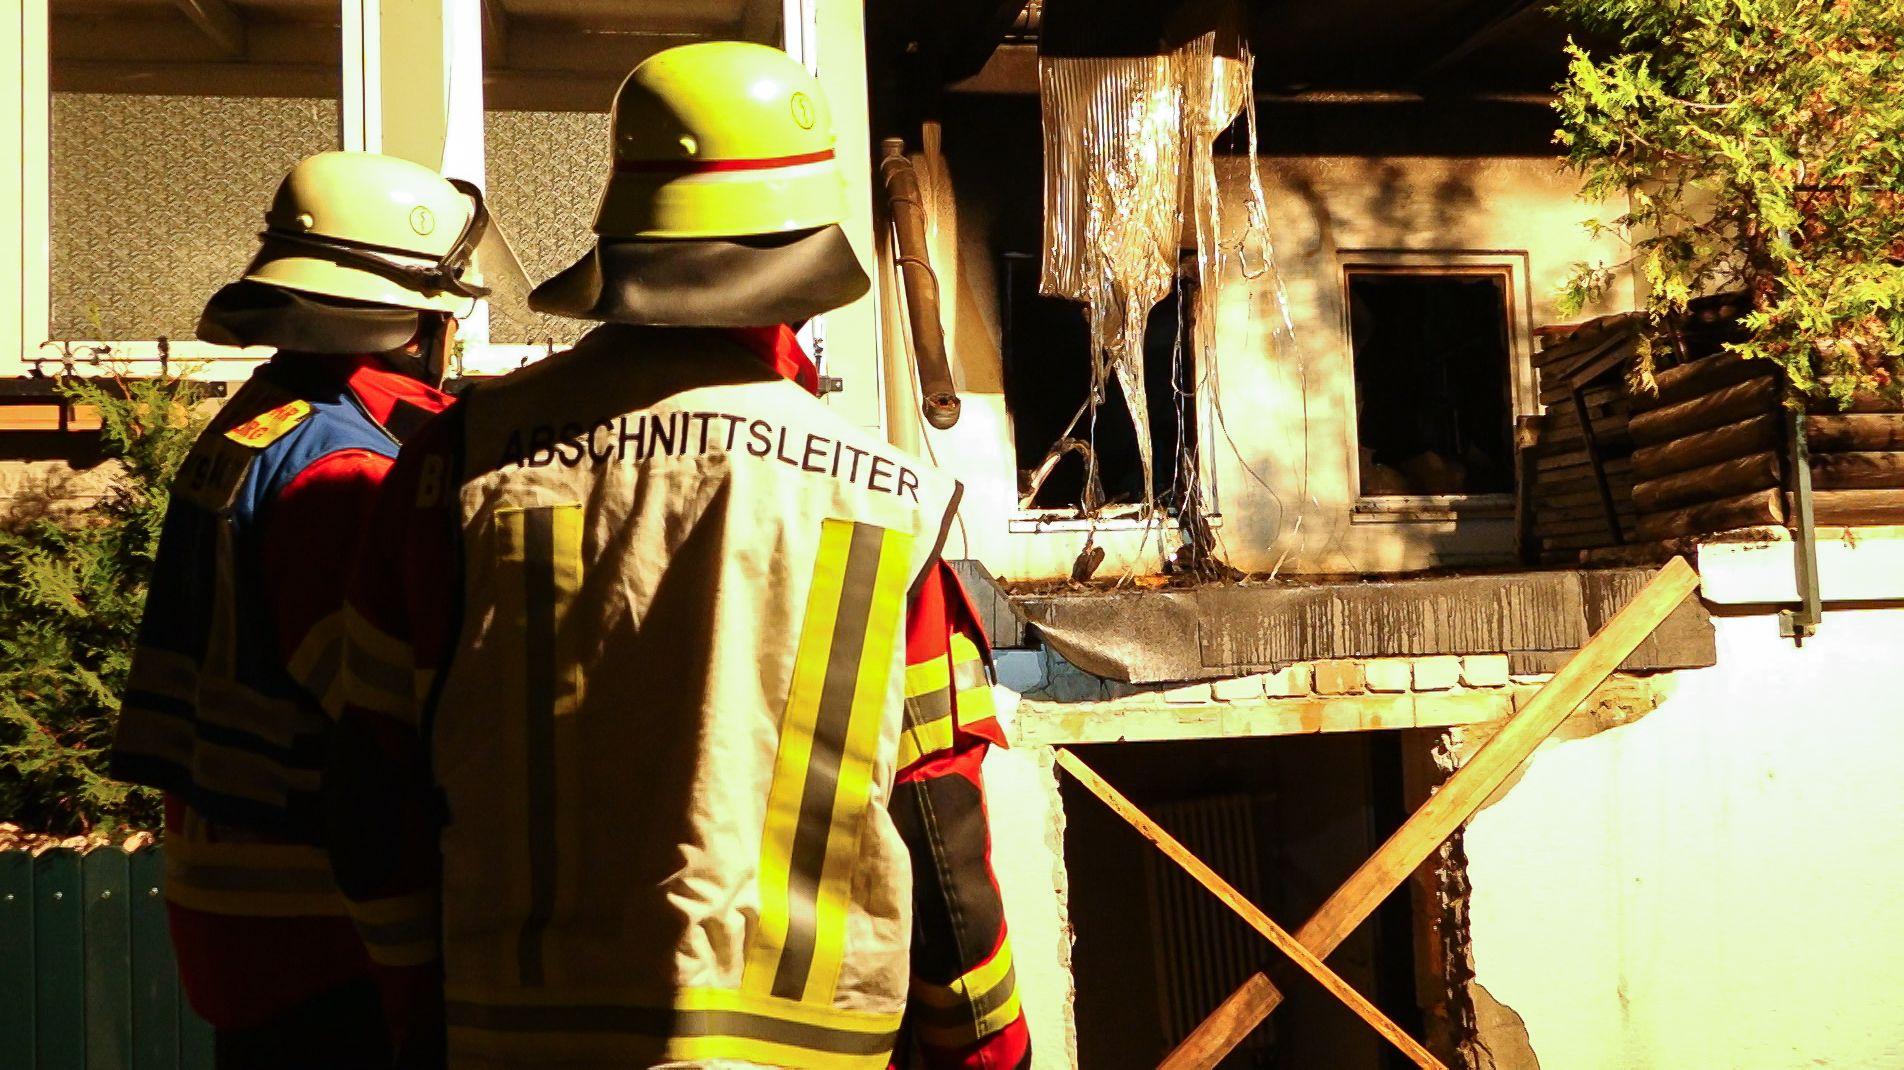 Die Feuerwehr konnte den Wohnungsbrand in Würzburg-Heidingsfeld schnell löschen, das Appartement ist aber unbewohnbar. Der Schaden beträgt 50.000 Euro. Der Bewohner erlitt eine Rauchgasvergiftung.